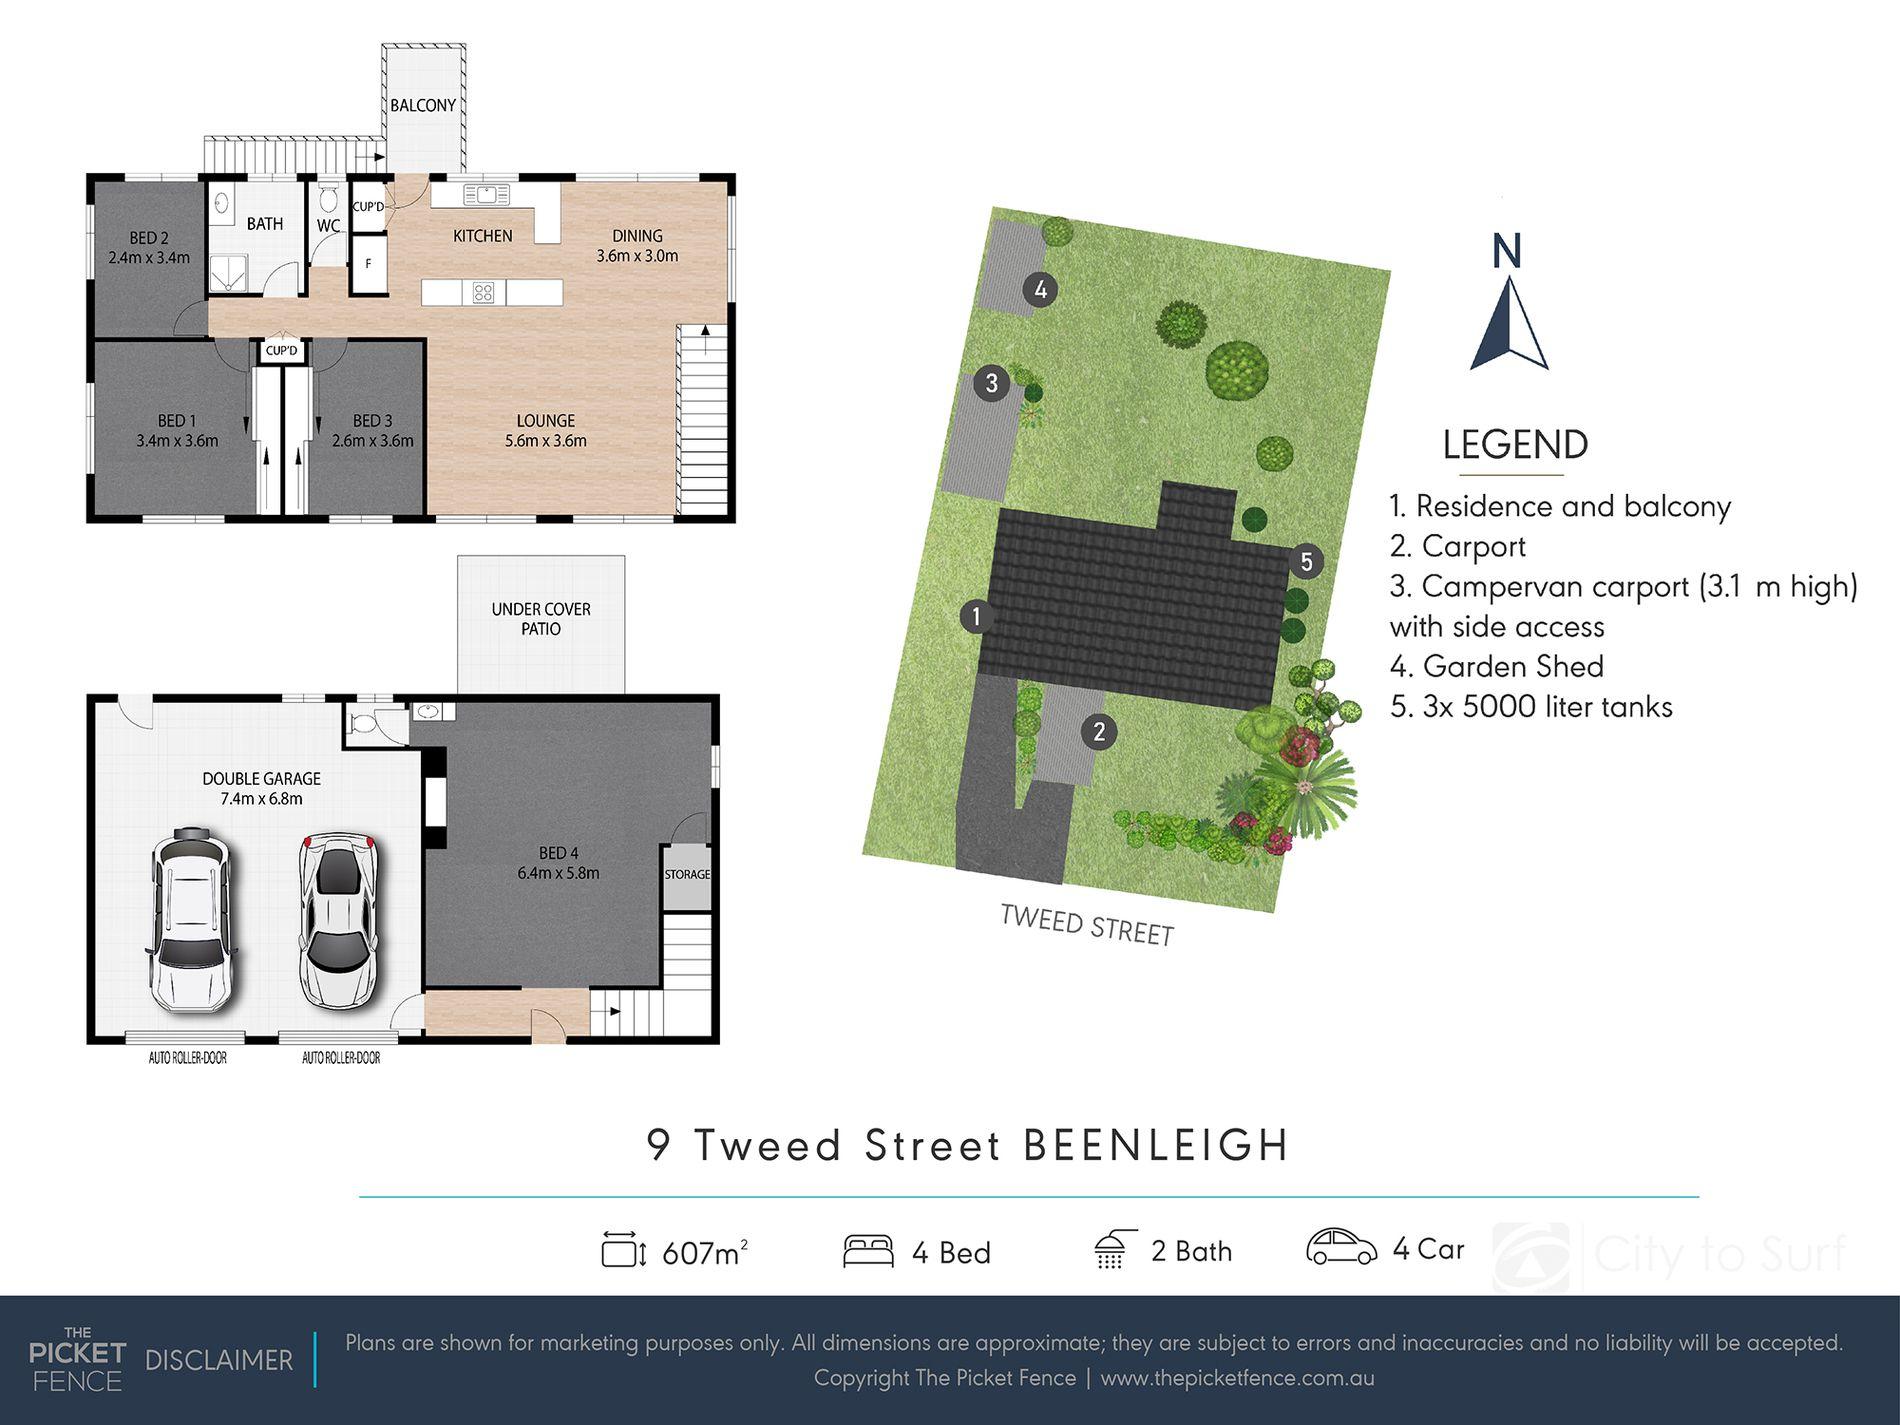 9 Tweed Street, Beenleigh